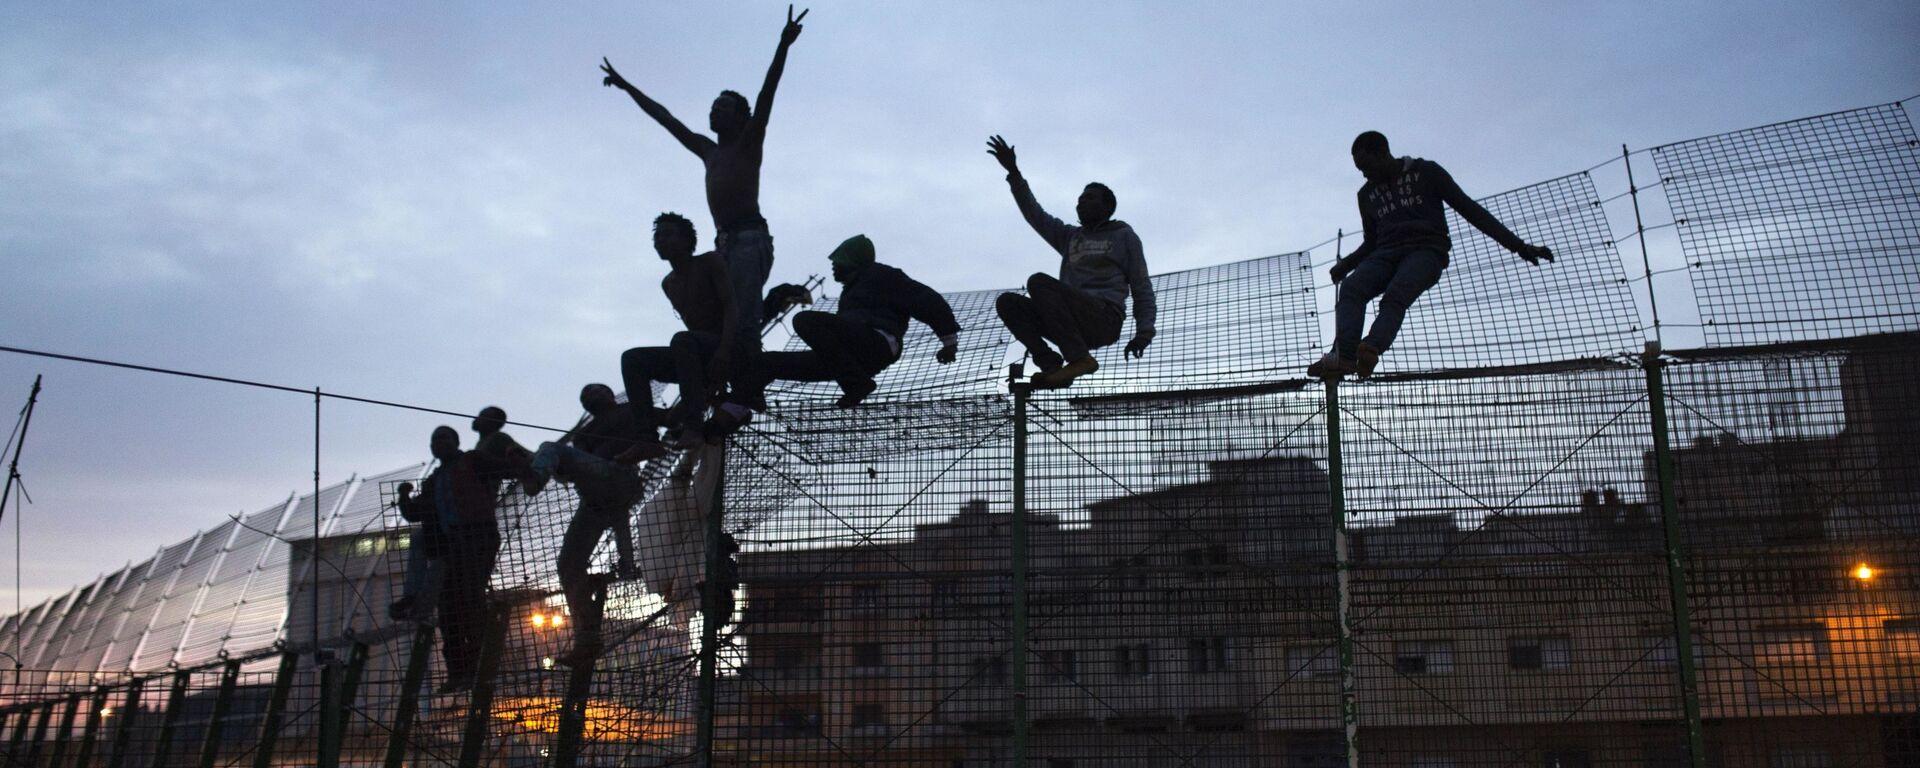 Inmigrantes subsaharianos intenta cruzar la valla de Melilla - Sputnik Mundo, 1920, 12.07.2021